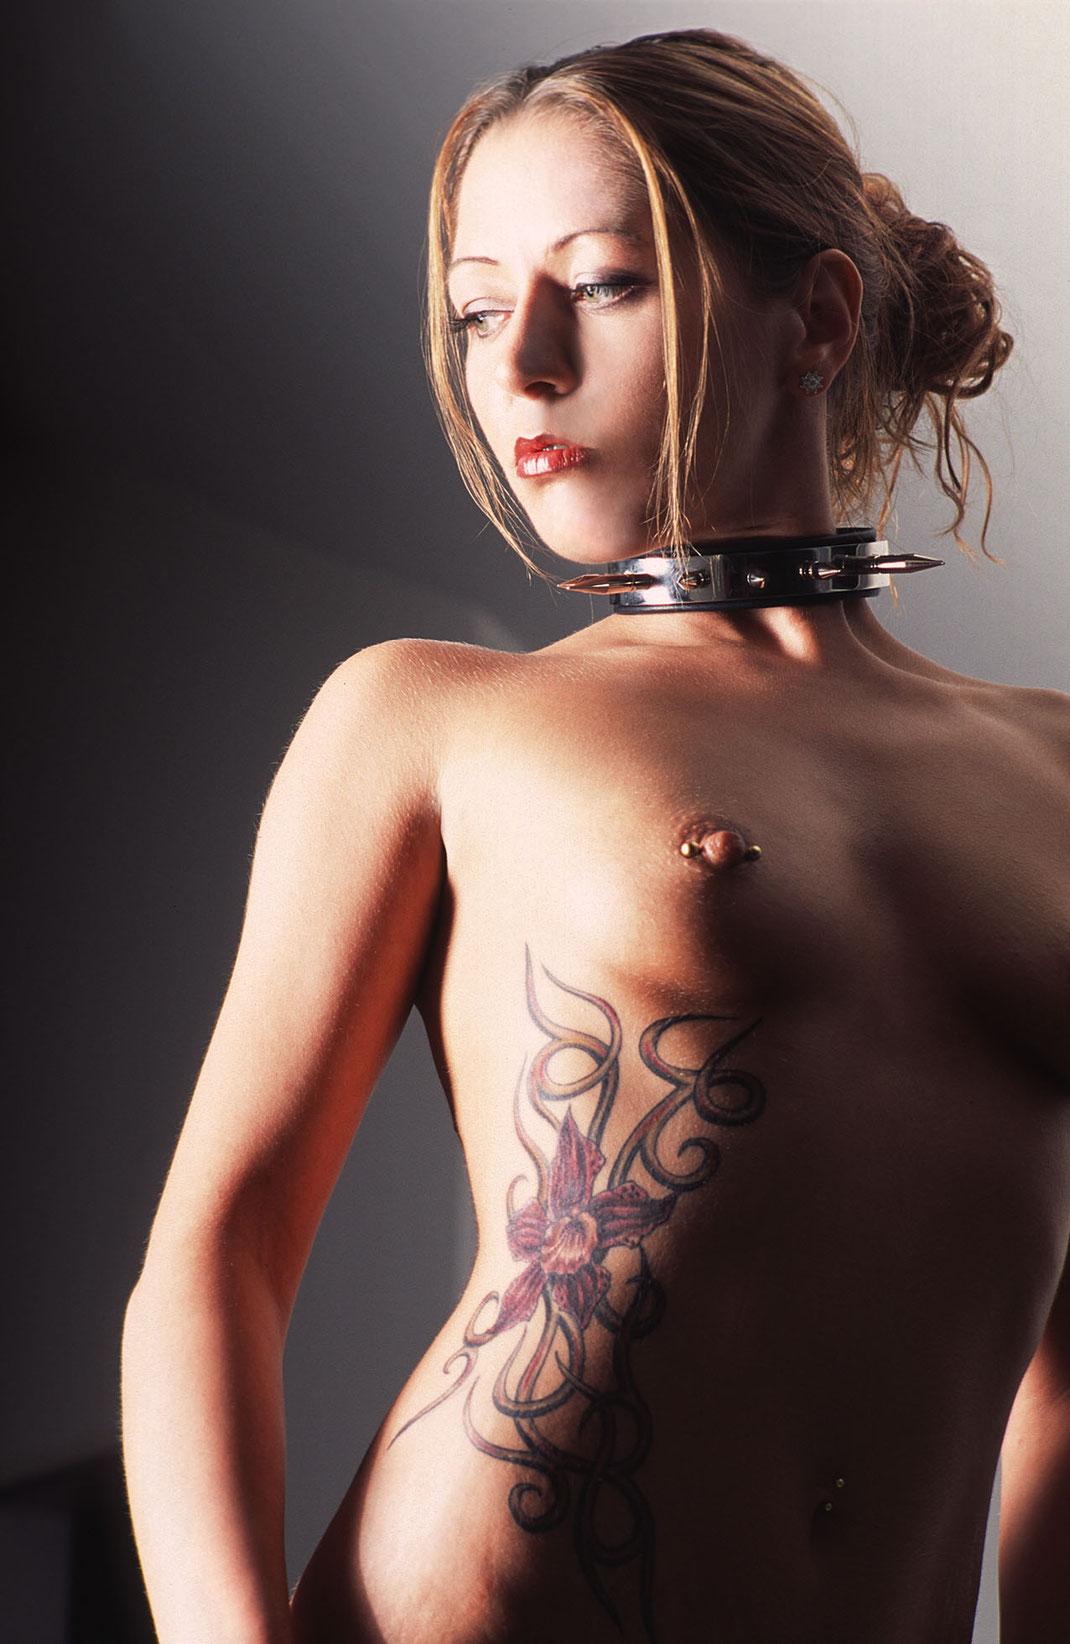 Fetisch Fine Art Nude Aufnahme Sammy von Martin Boelt Photography